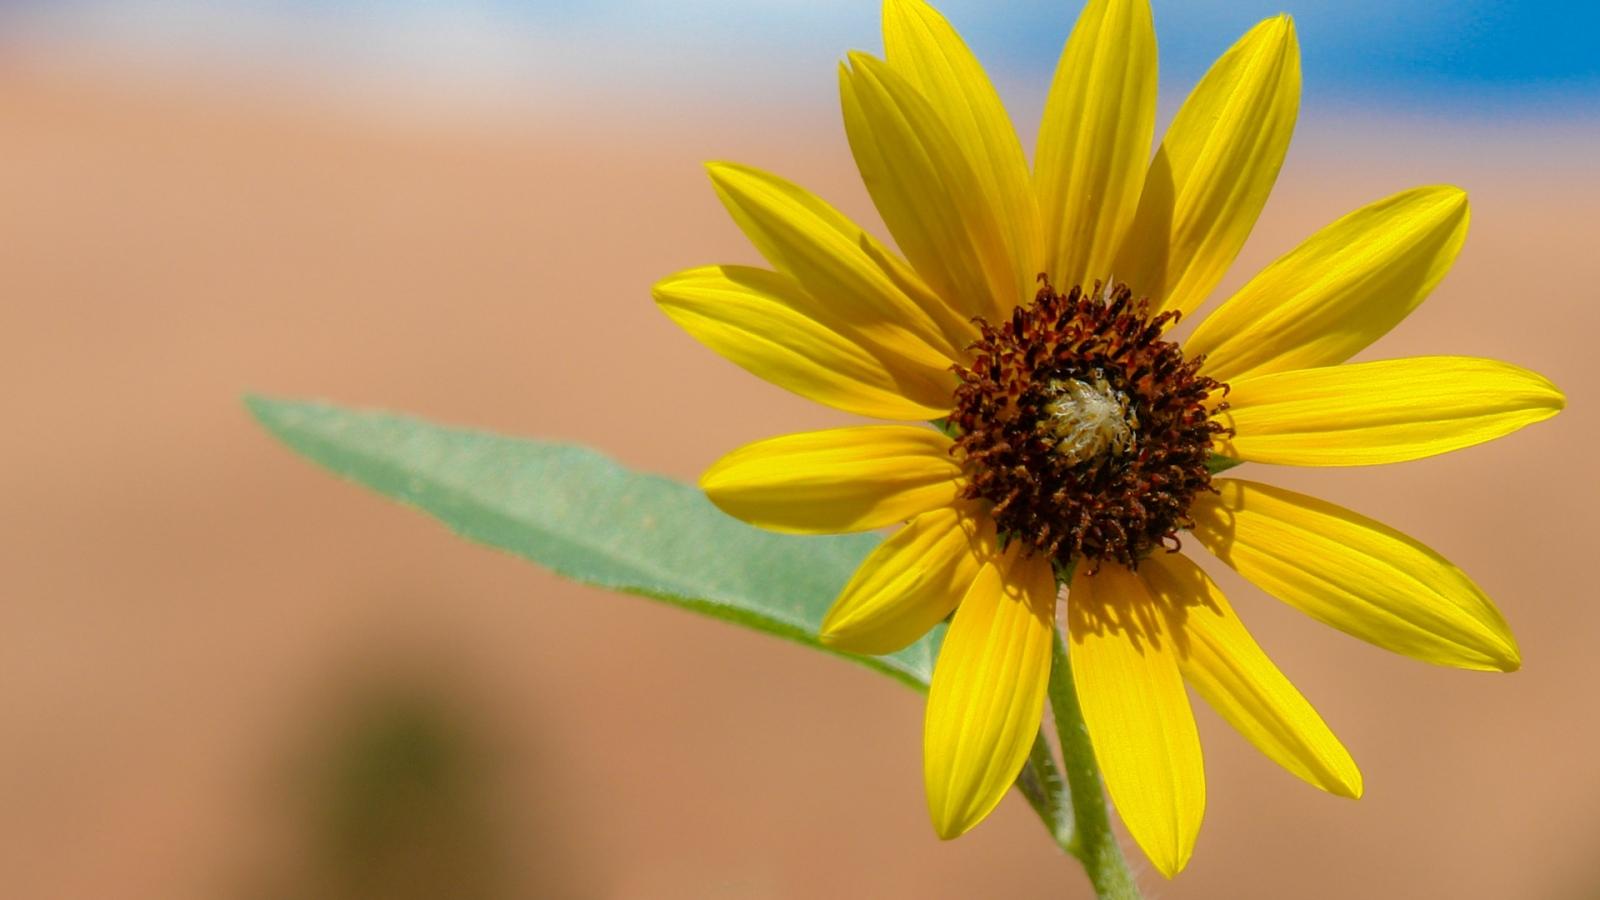 Flor amarilla en macro - 1600x900